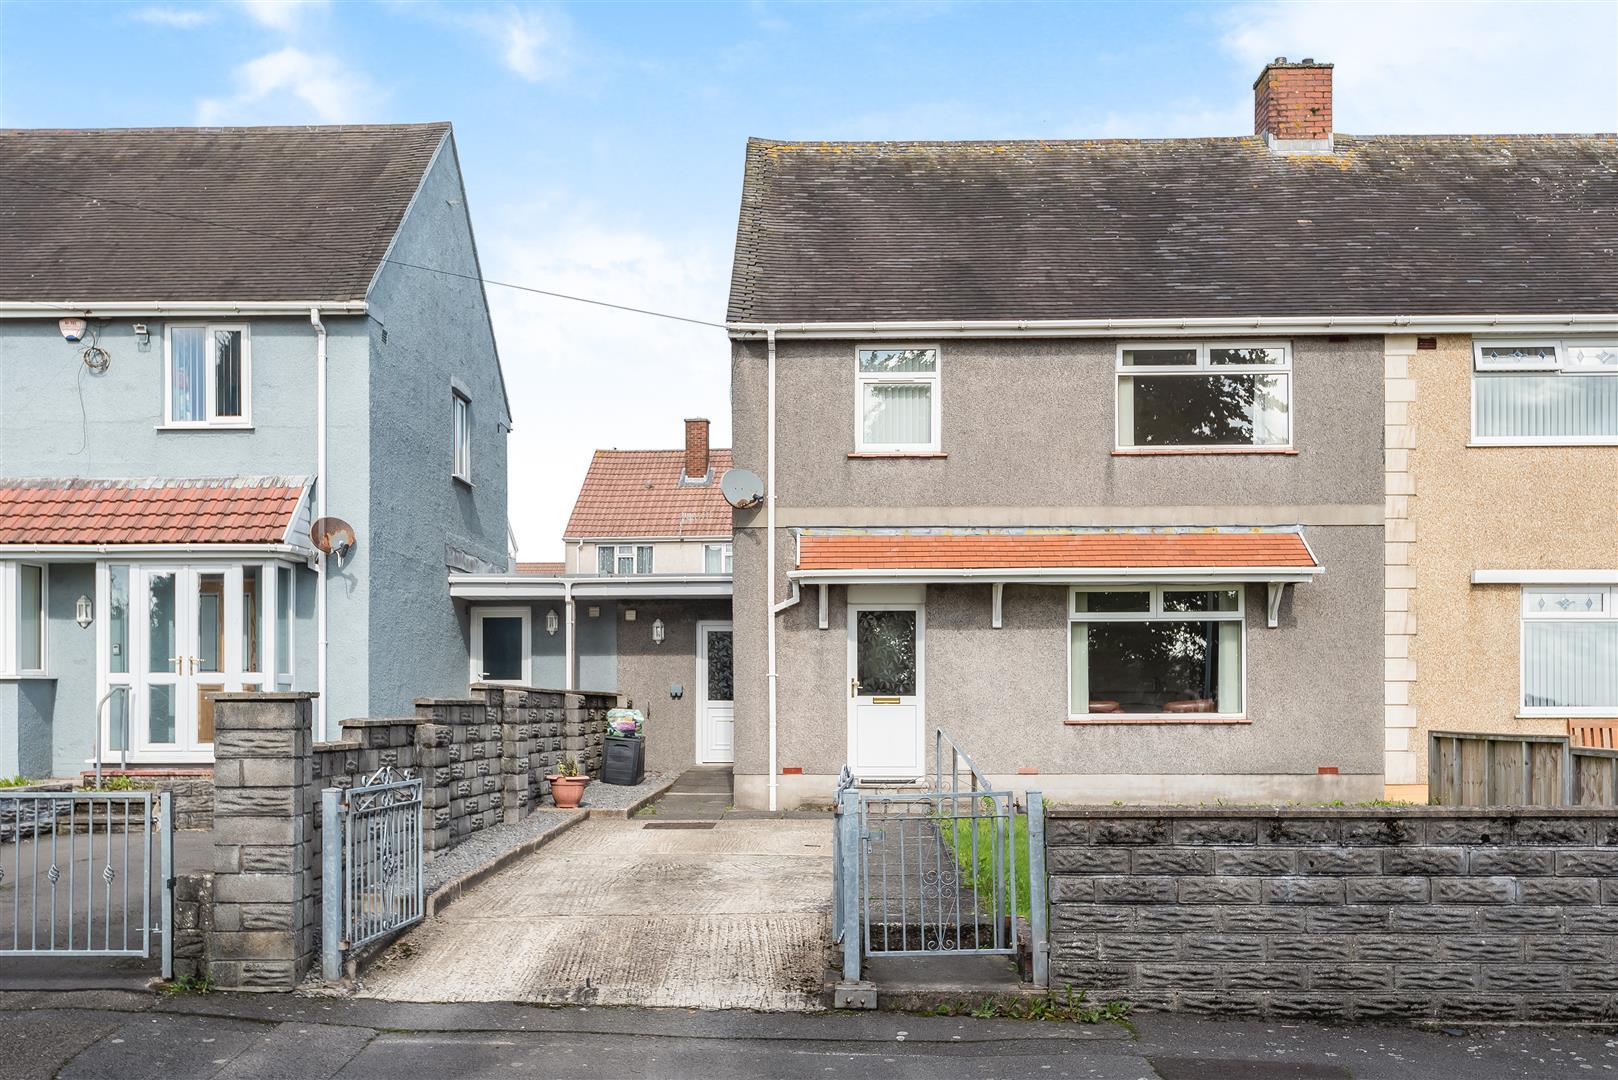 Clwyd Road, Penlan, Swansea, SA5 7EZ